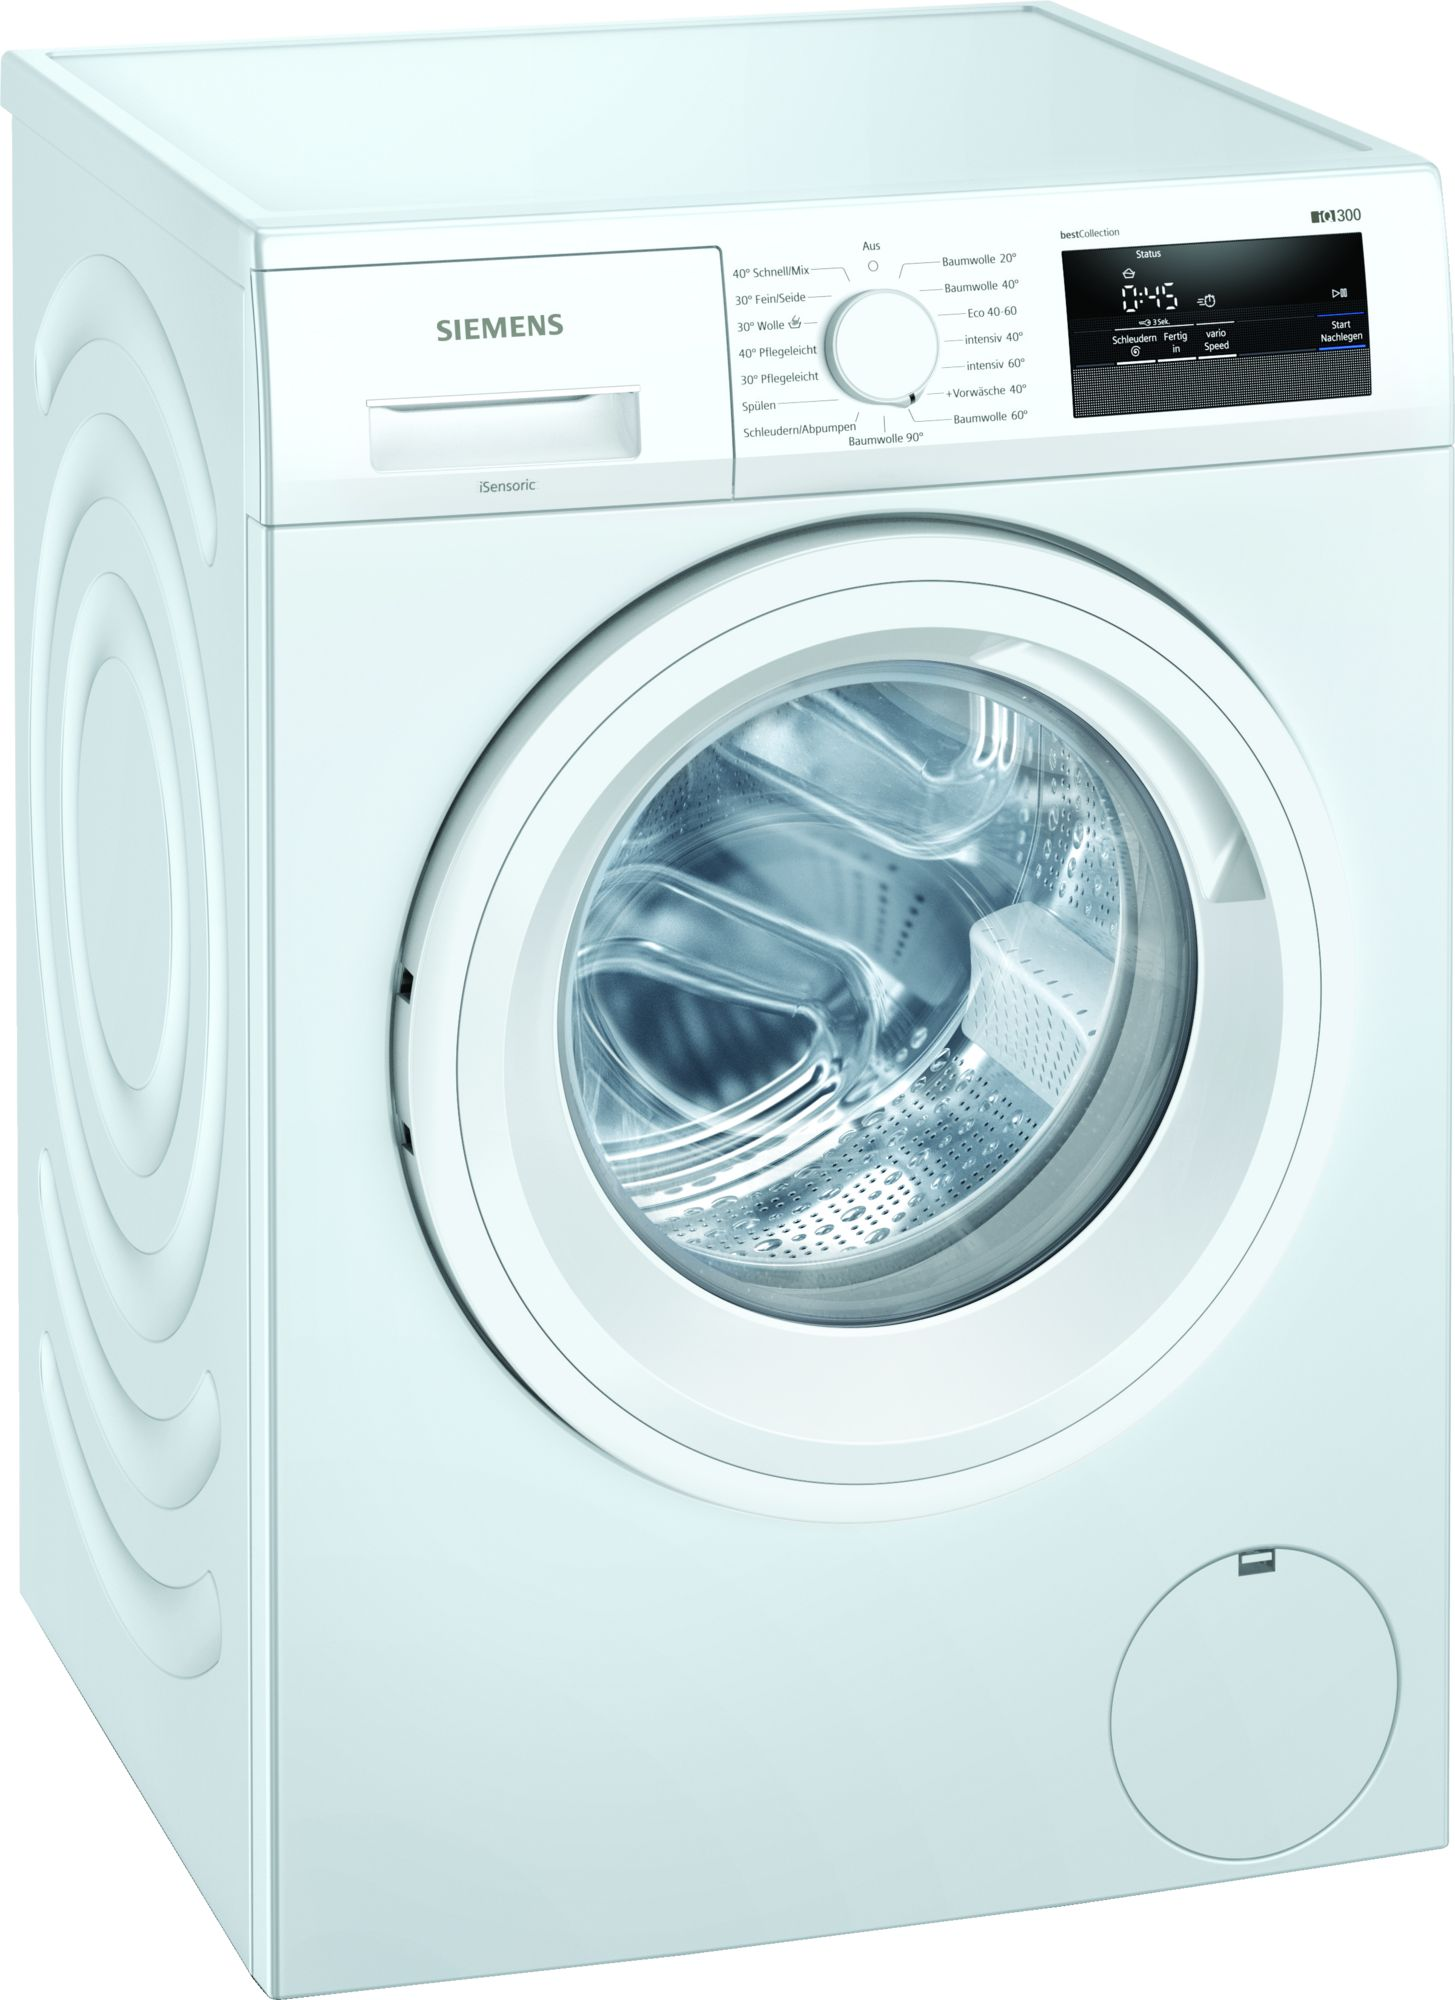 Angebot Siemens Waschmaschine-A2